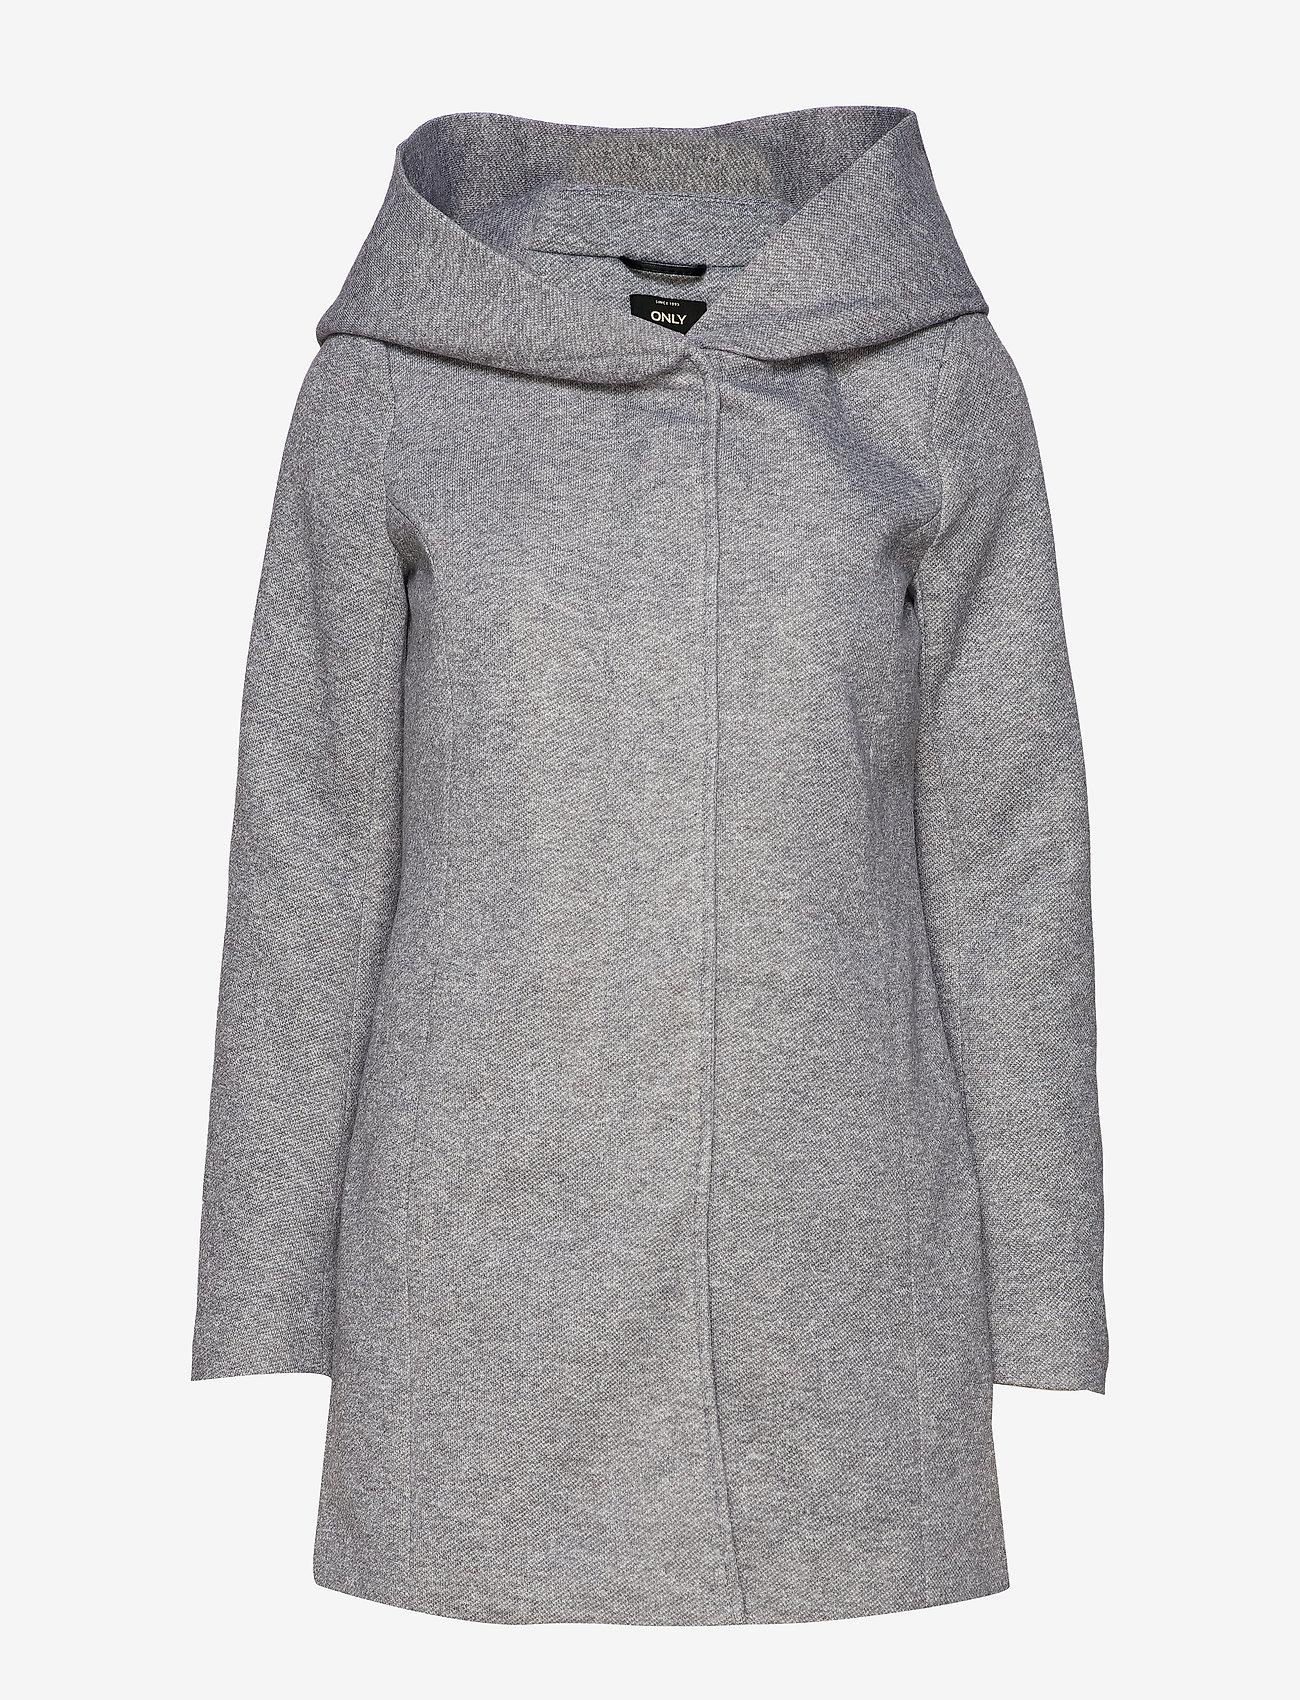 ONLY - ONLSEDONA LIGHT COAT OTW - dunne jassen - light grey melange - 1